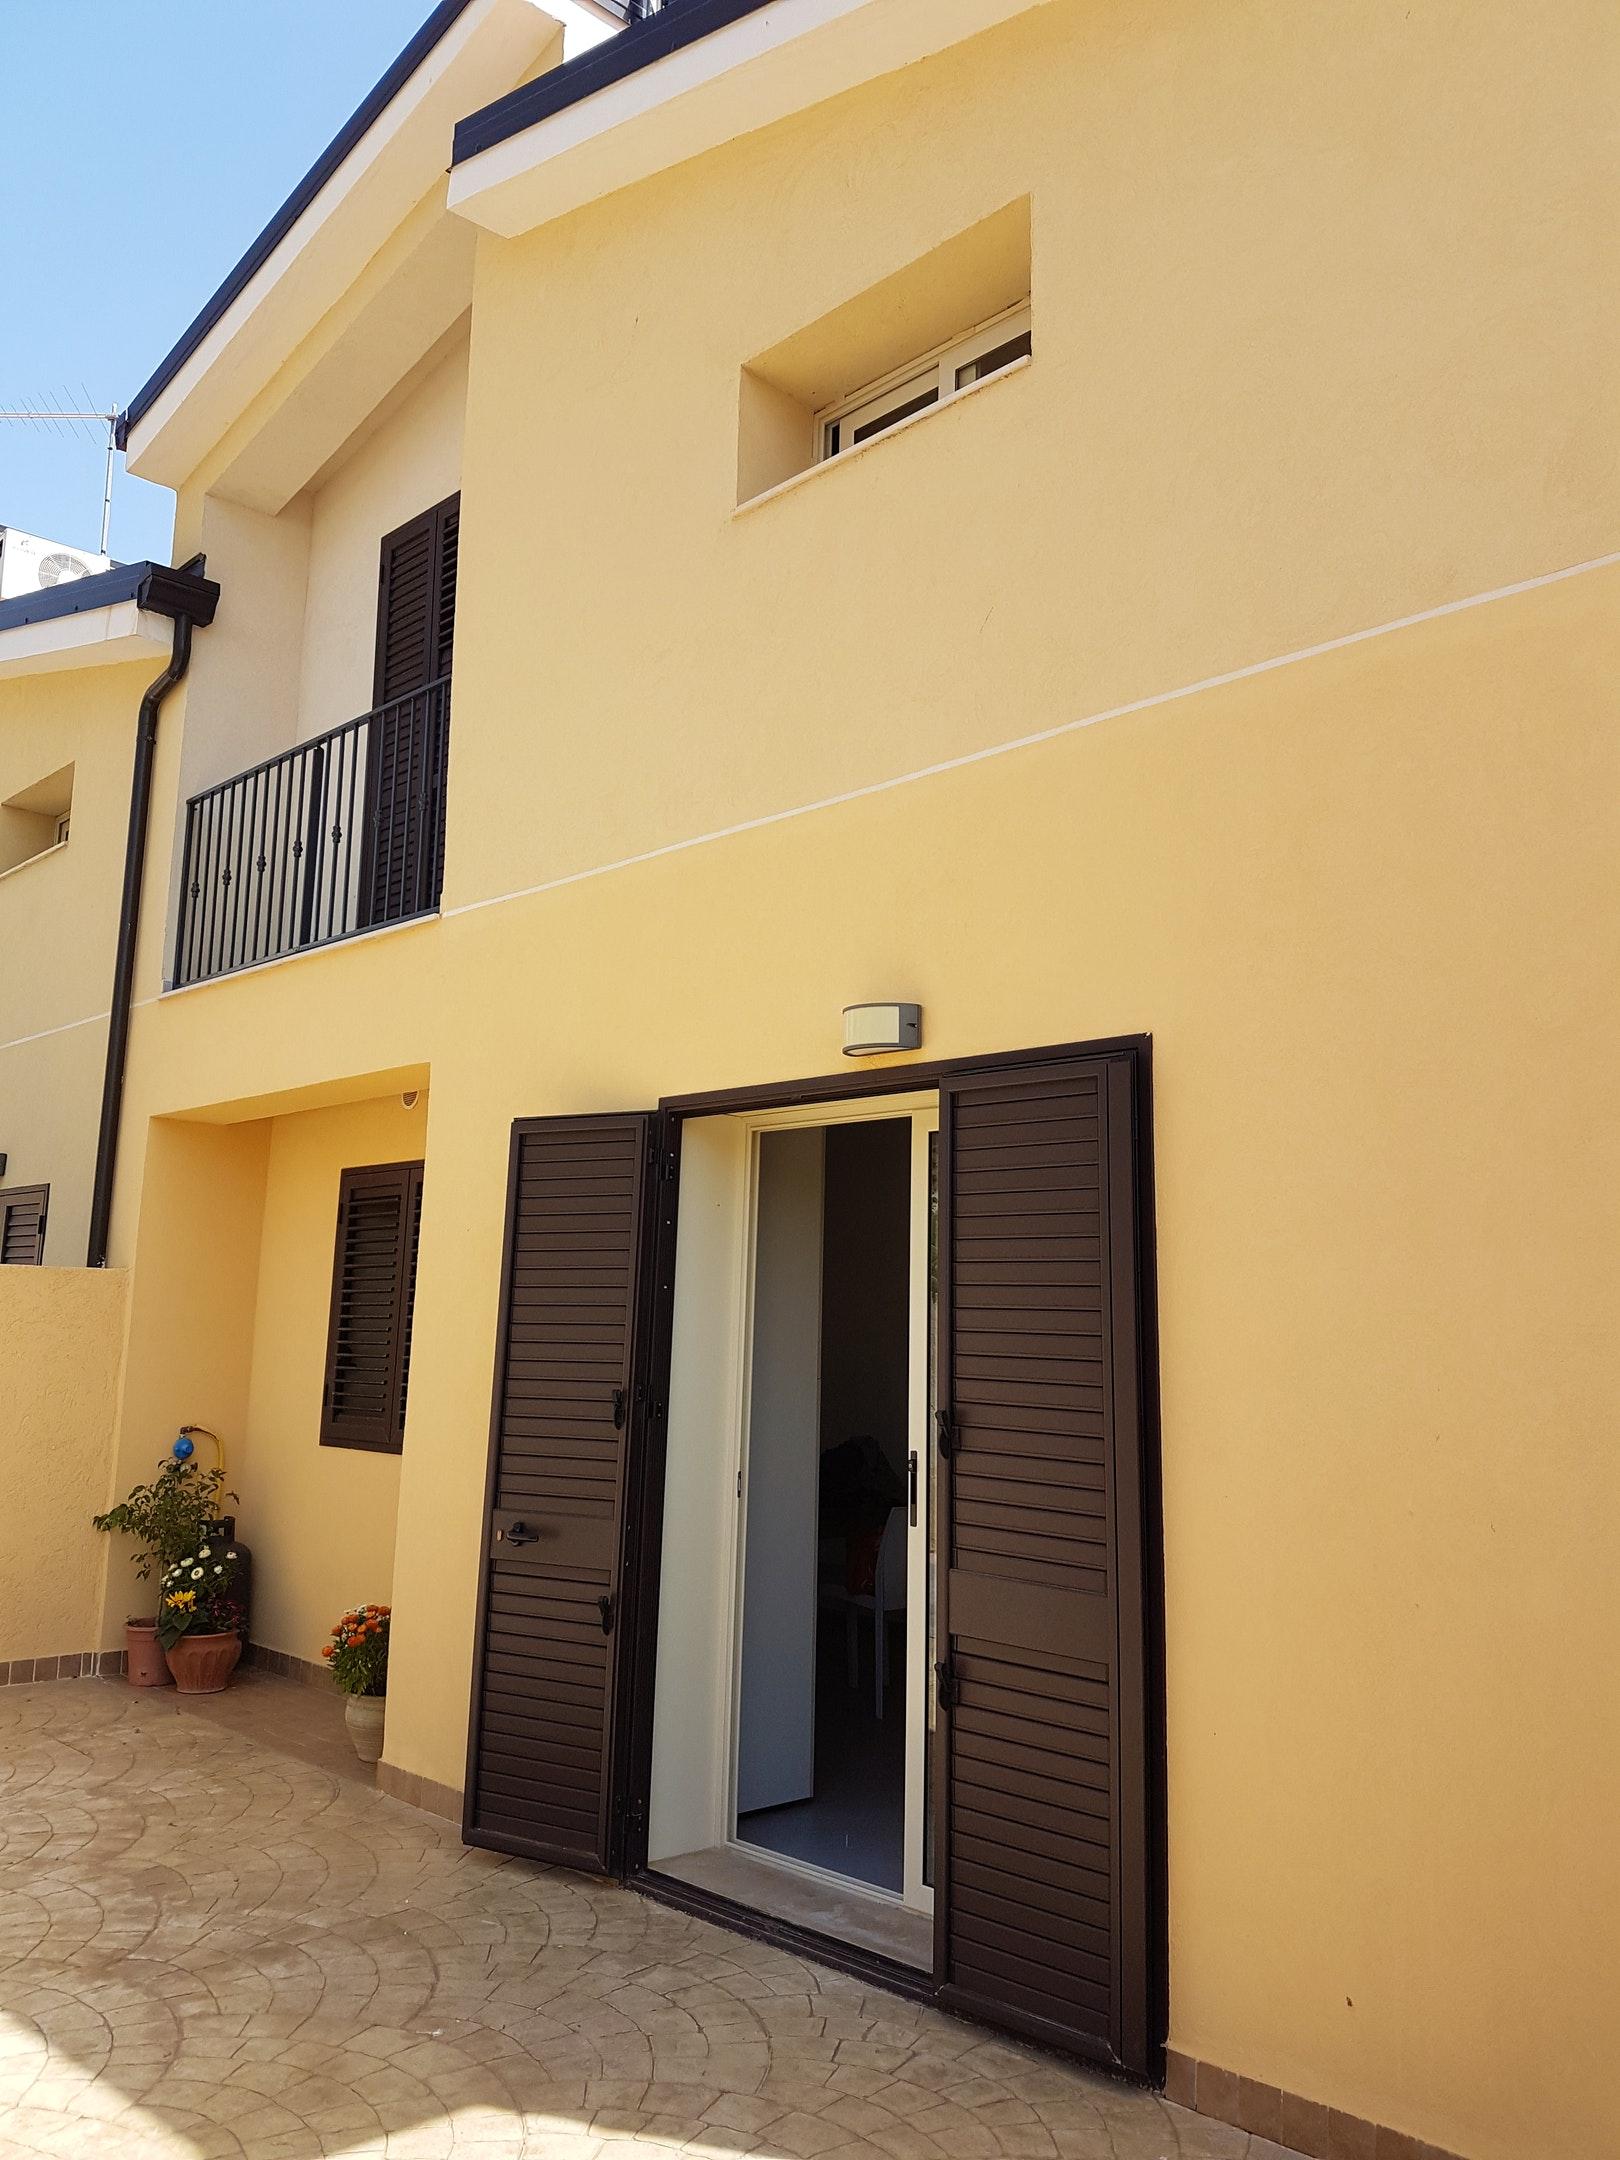 Maison de vacances Haus mit 2 Schlafzimmern in Lido di Noto mit möblierter Terrasse - 200 m vom Strand entfer (2420348), Lido di Noto, Siracusa, Sicile, Italie, image 15